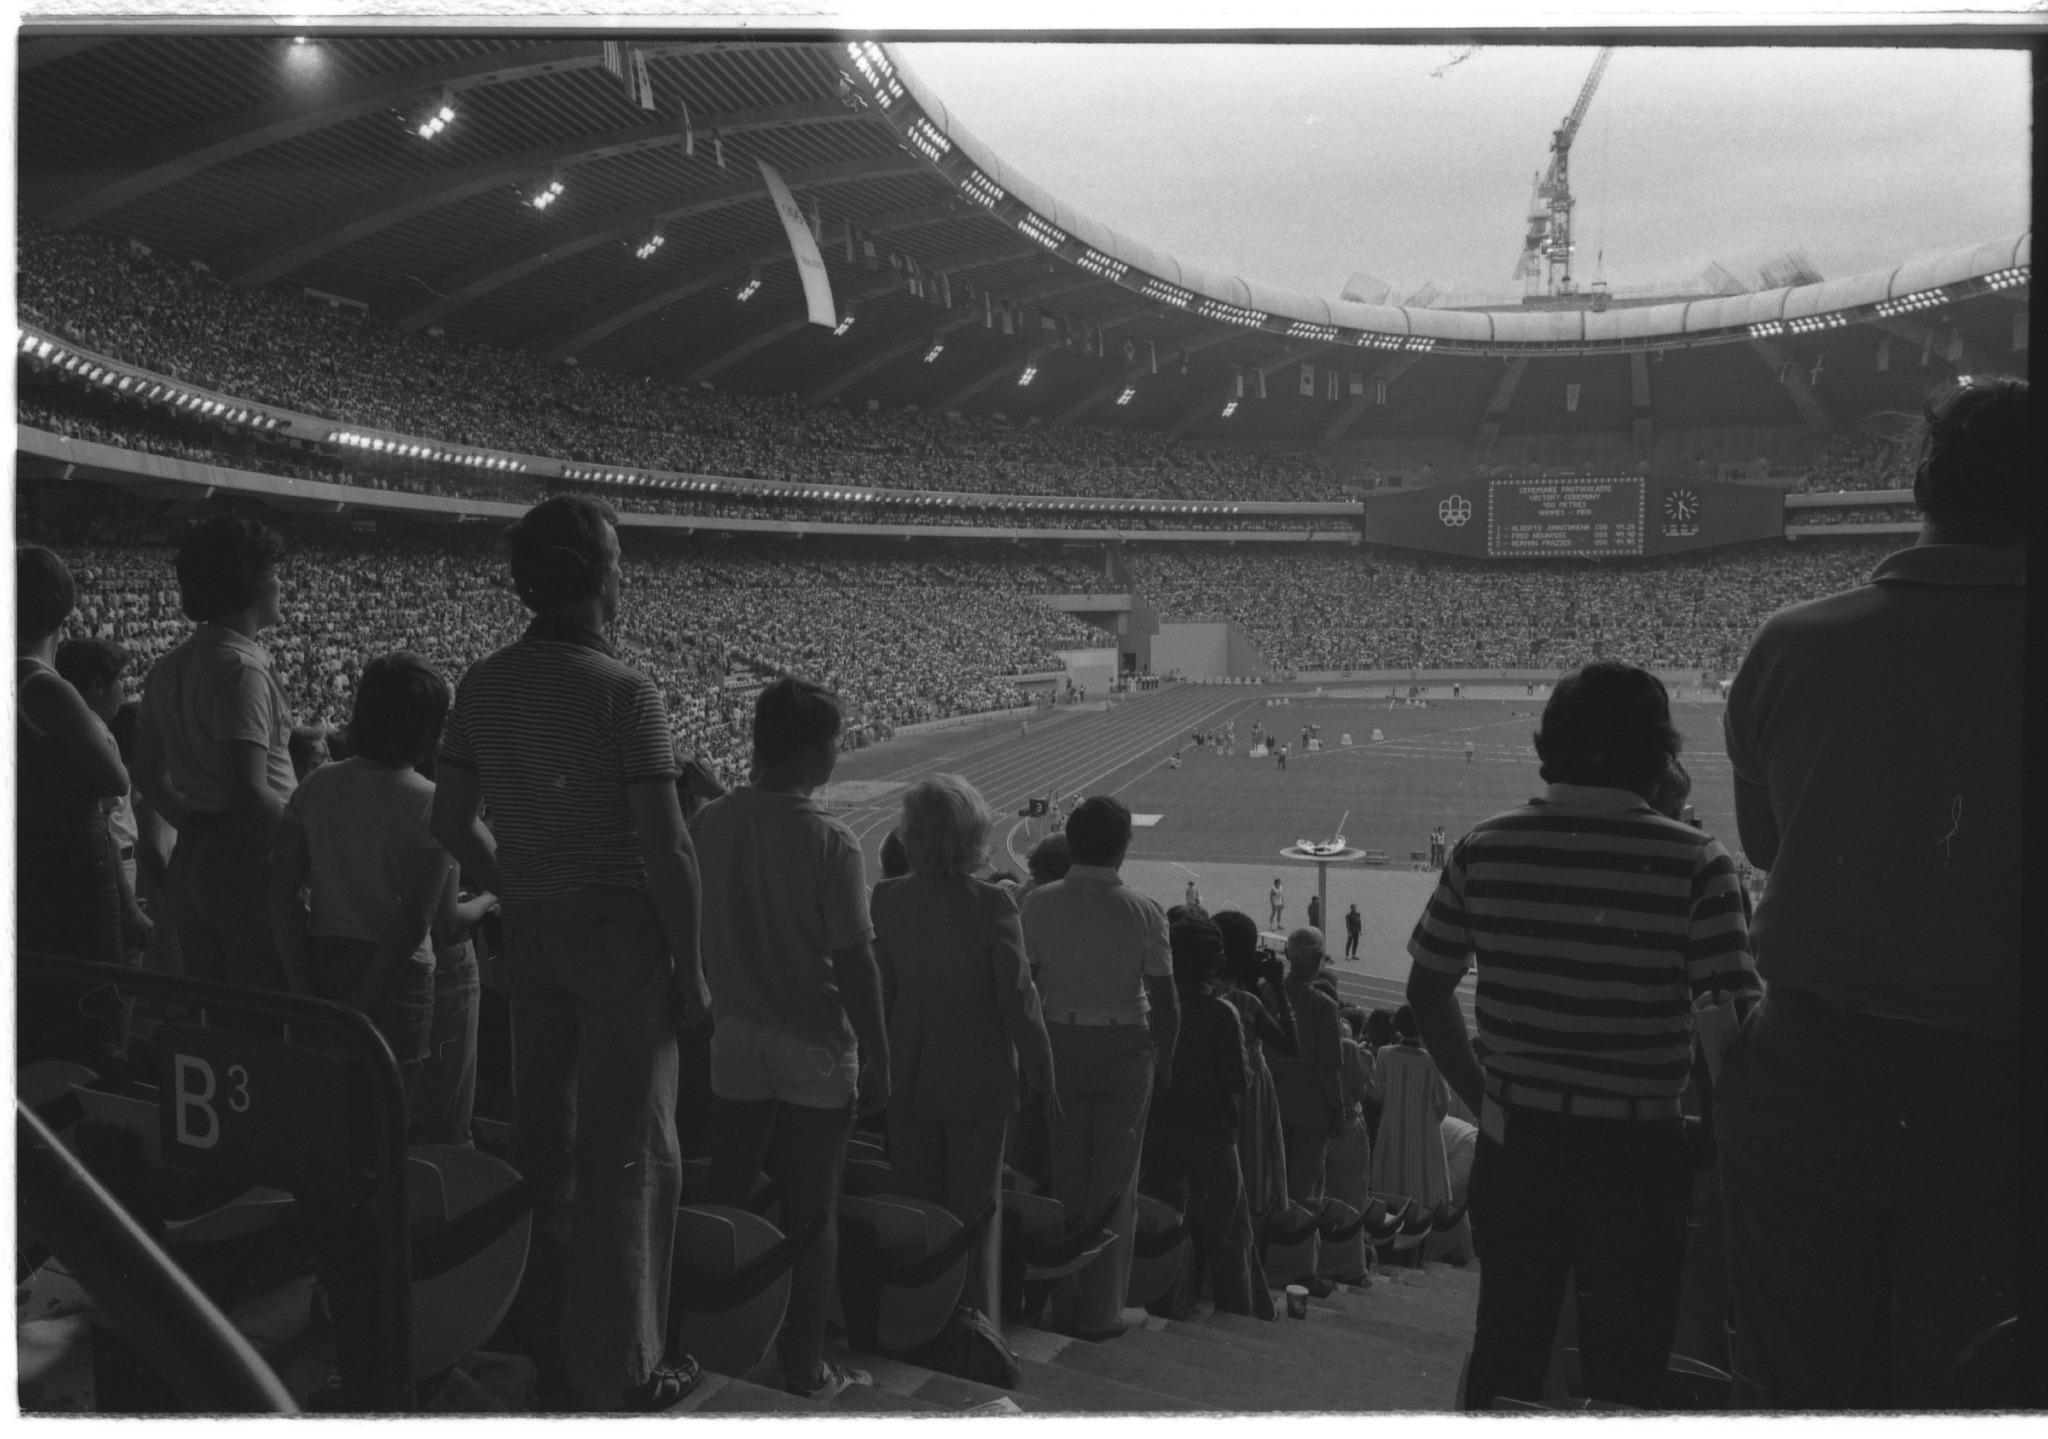 Montréal 1976 : le rêve olympique, le 17 juillet sur Historia